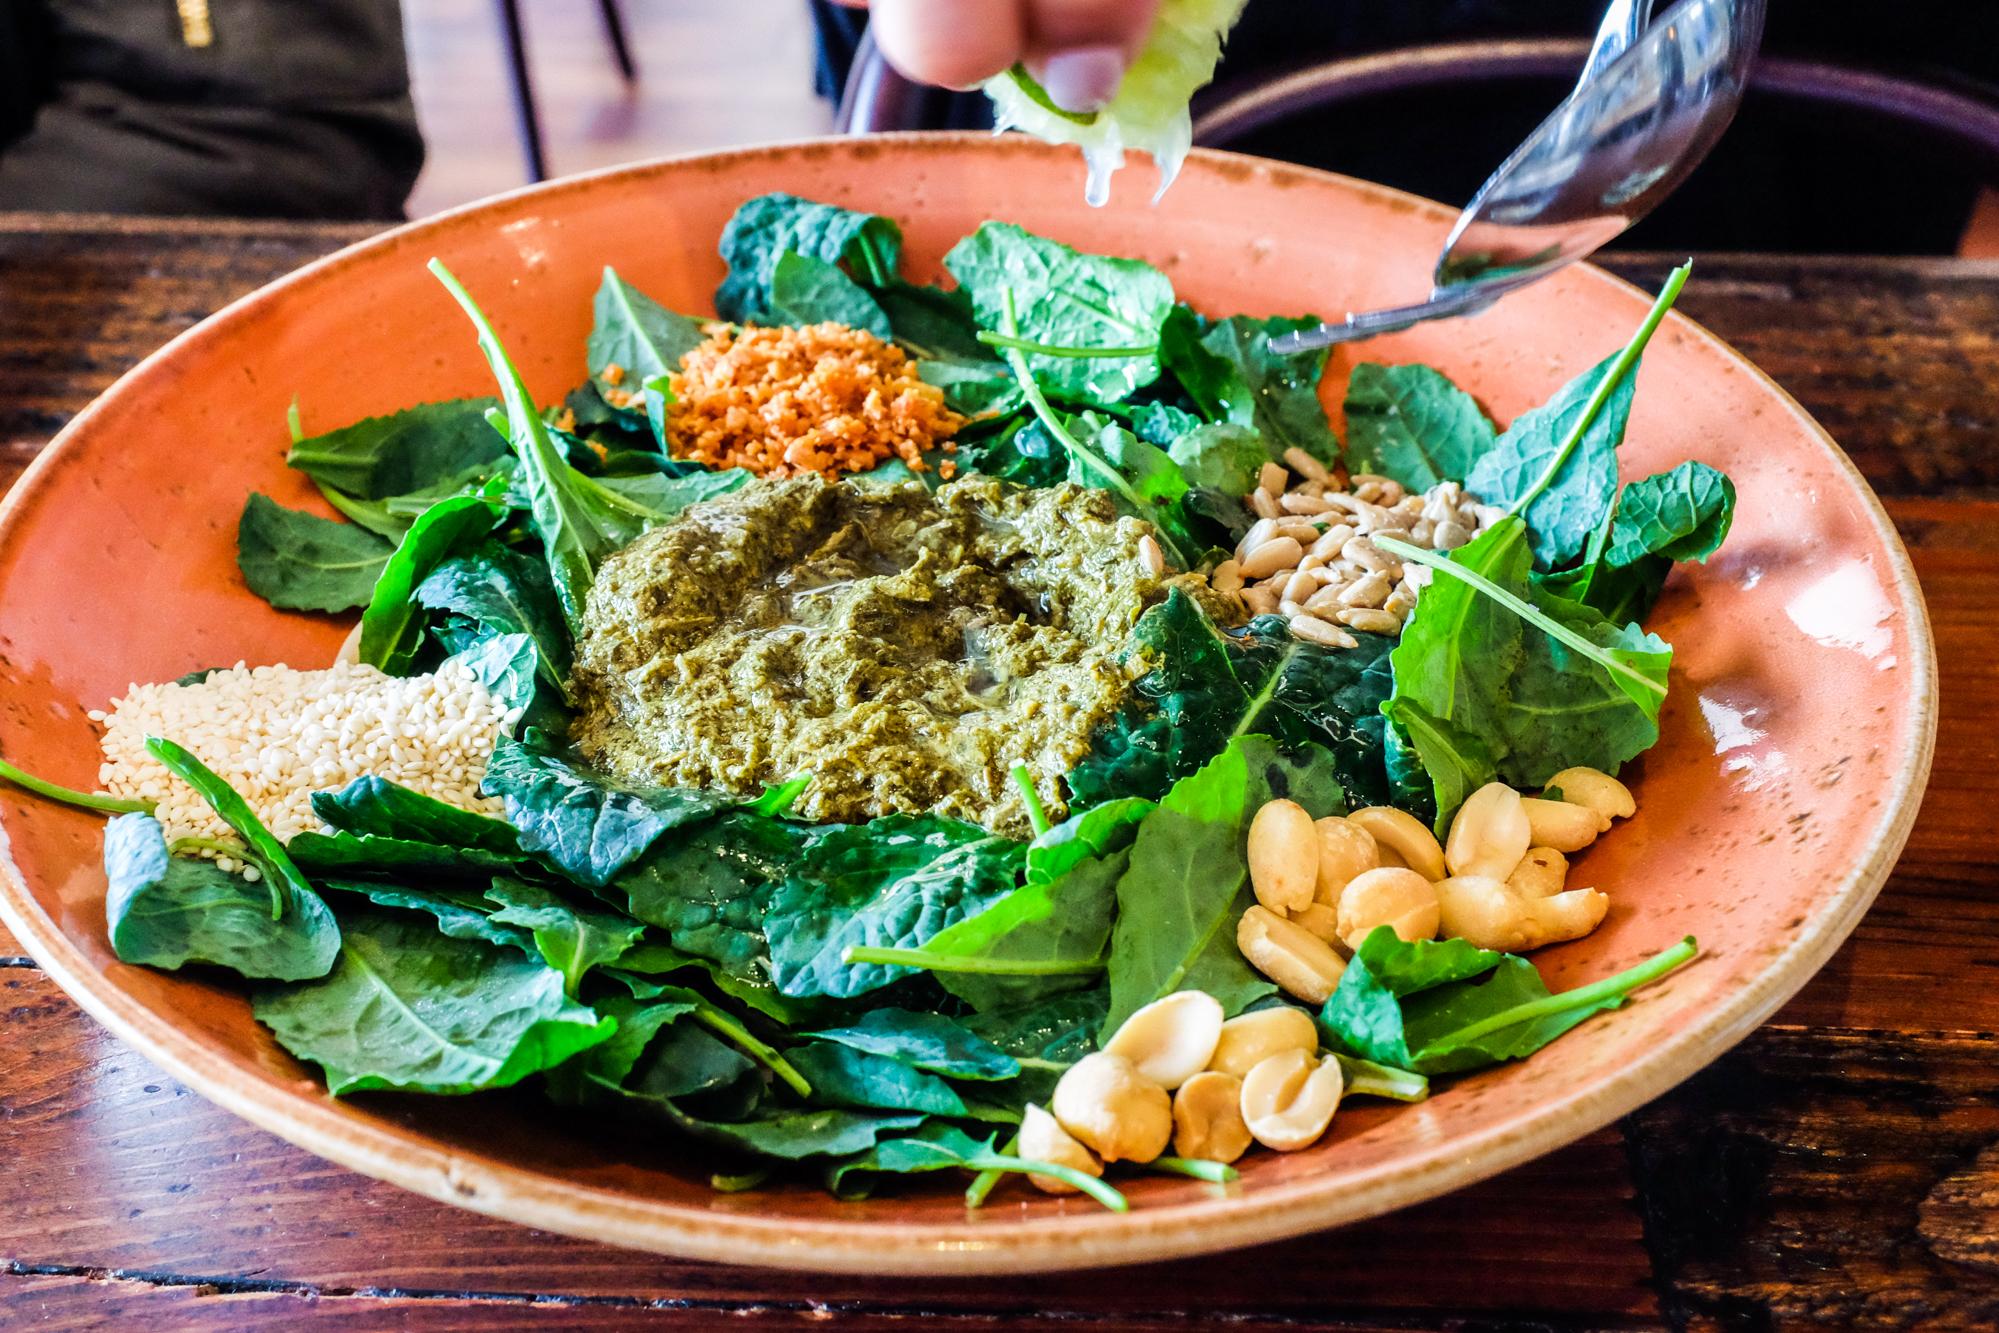 Tea leaf kale salad at Teni East Kitchen in Oakland.